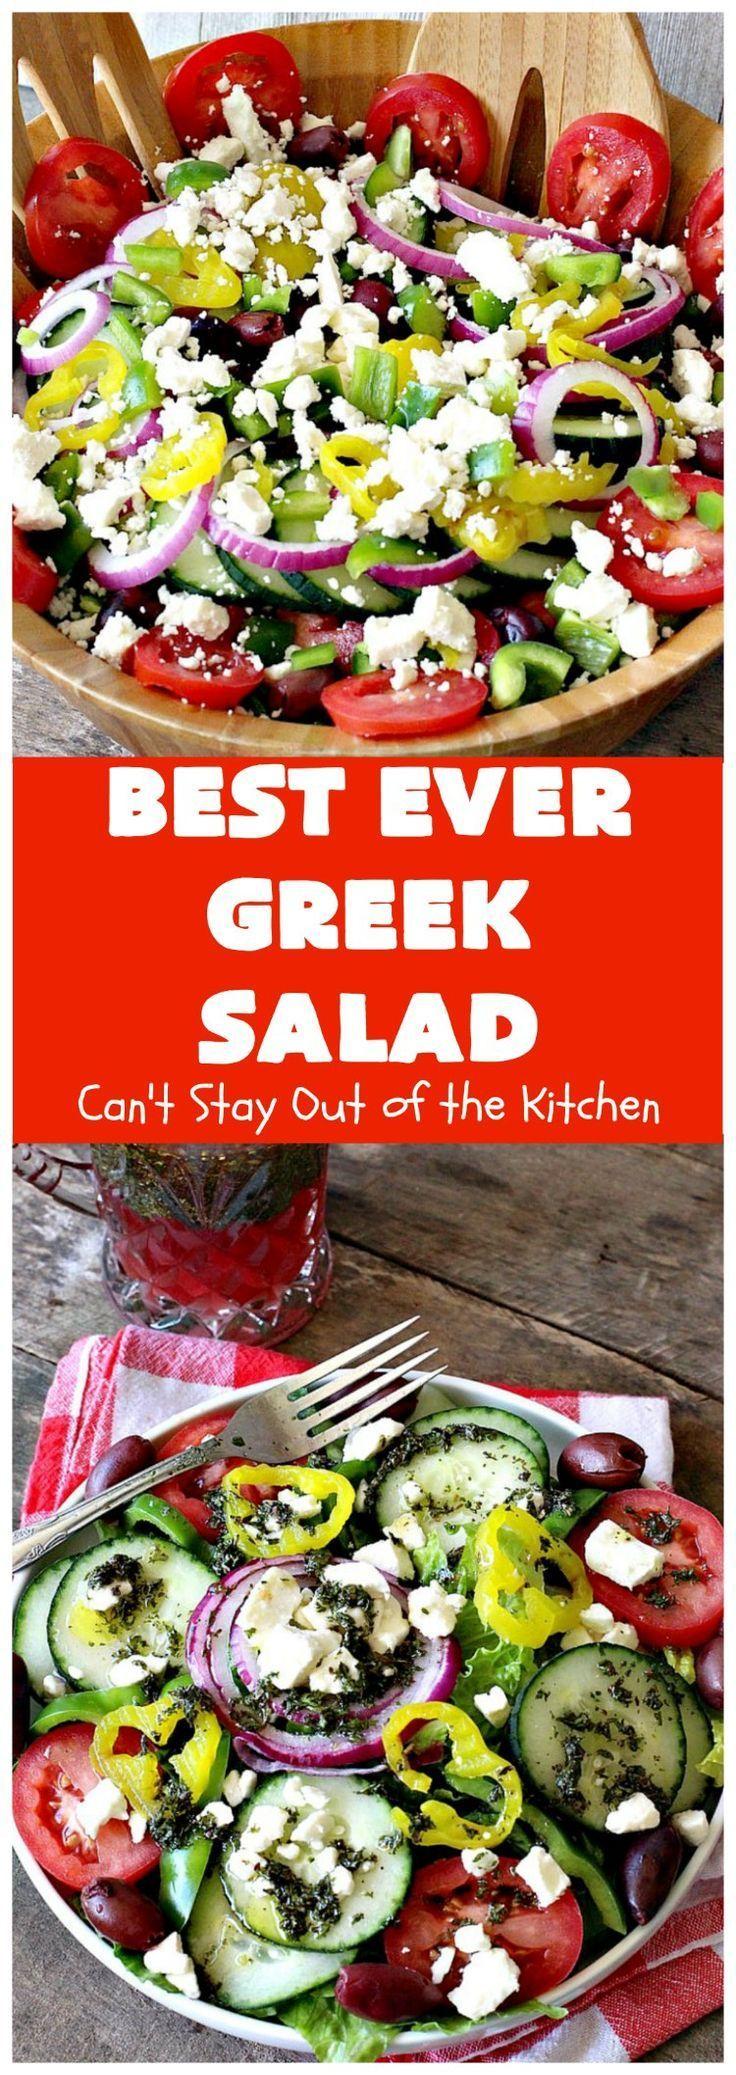 Bester griechischer Salat aller Zeiten   - Gluten Free Living! - ... - Best Salat -